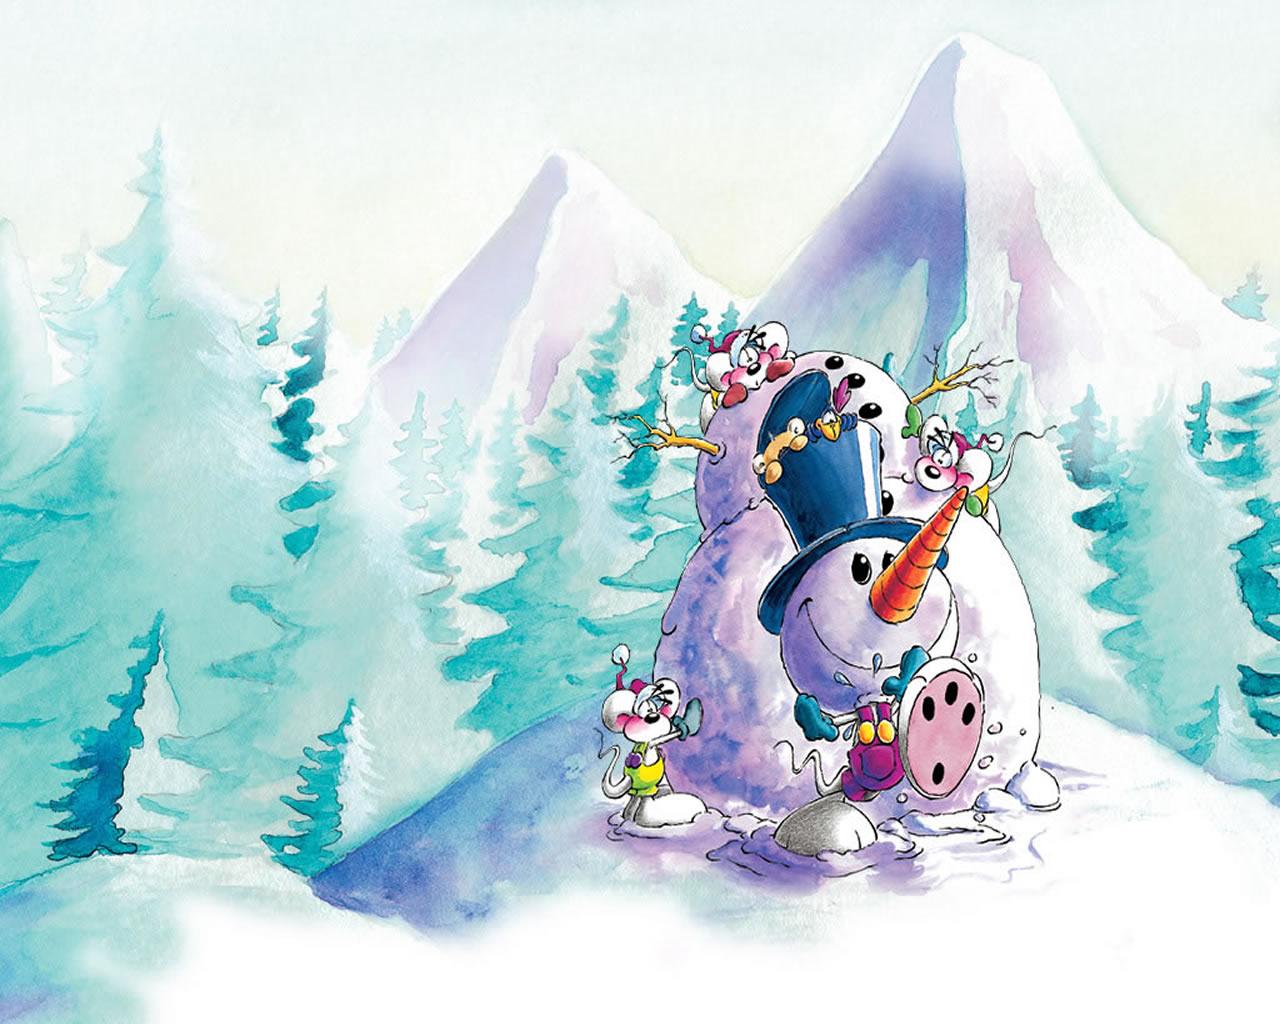 download wallpaper: Diddl maakt een sneeuwpop wallpaper